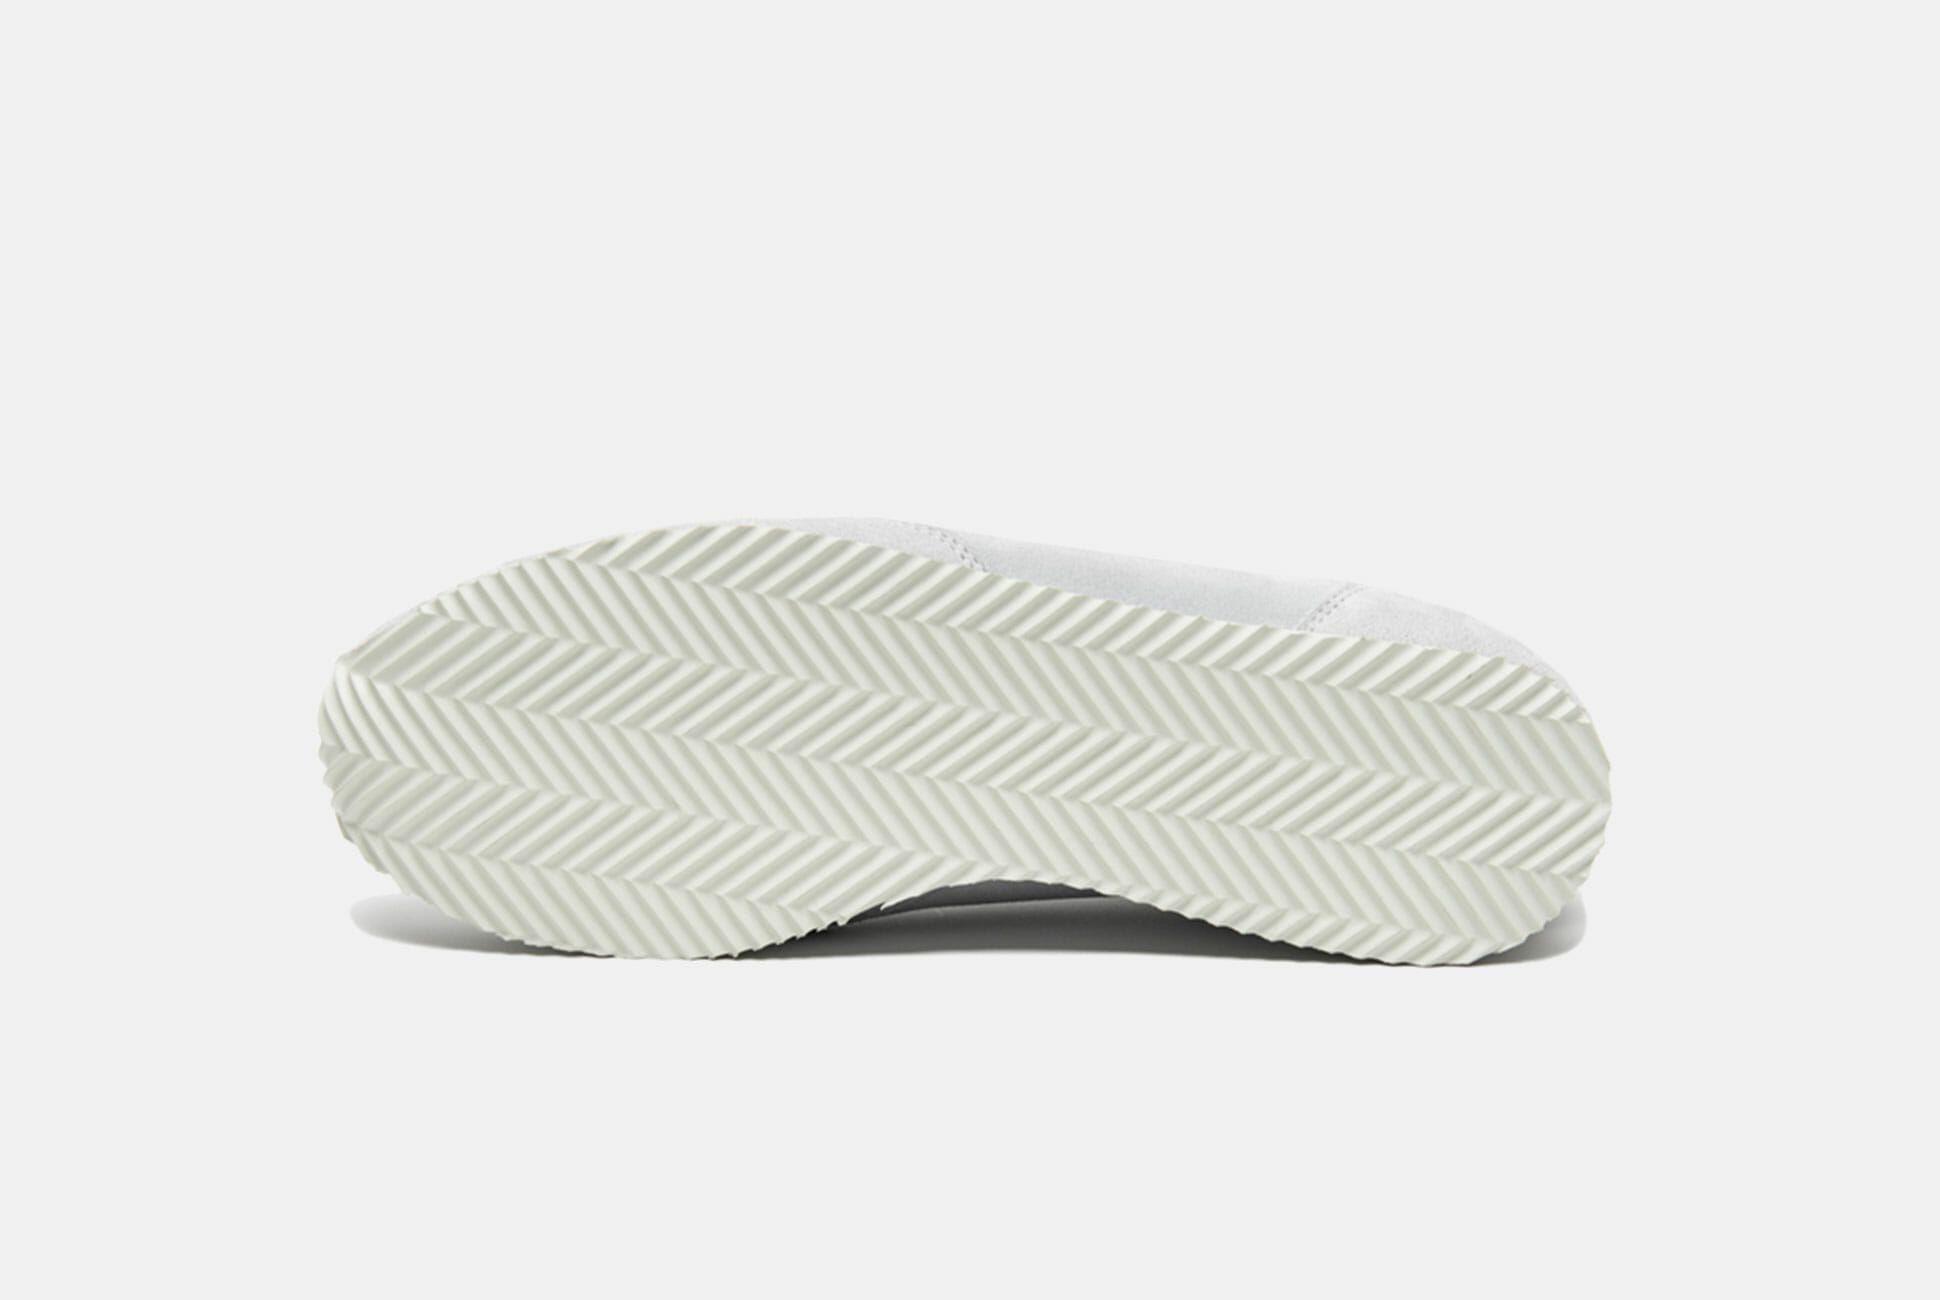 Lady-White-Co-Sneakers-Gear-Patrol-slide-2